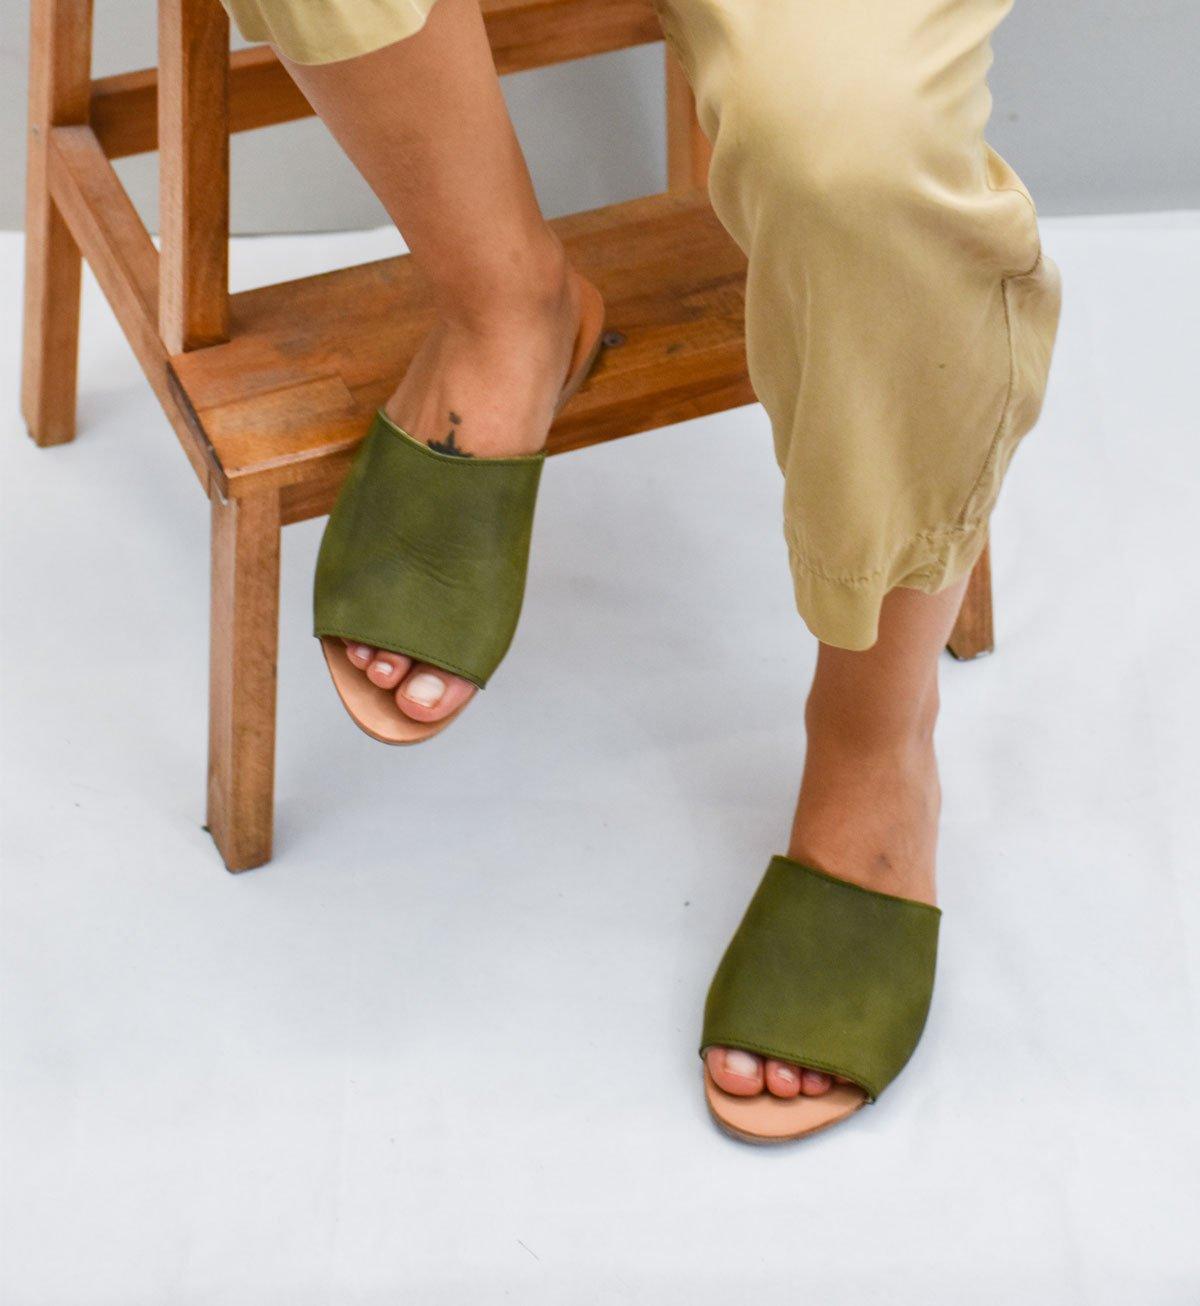 sandalia verde simetrica para mujer hecho a mano de cuero vacuno suela antideslizante